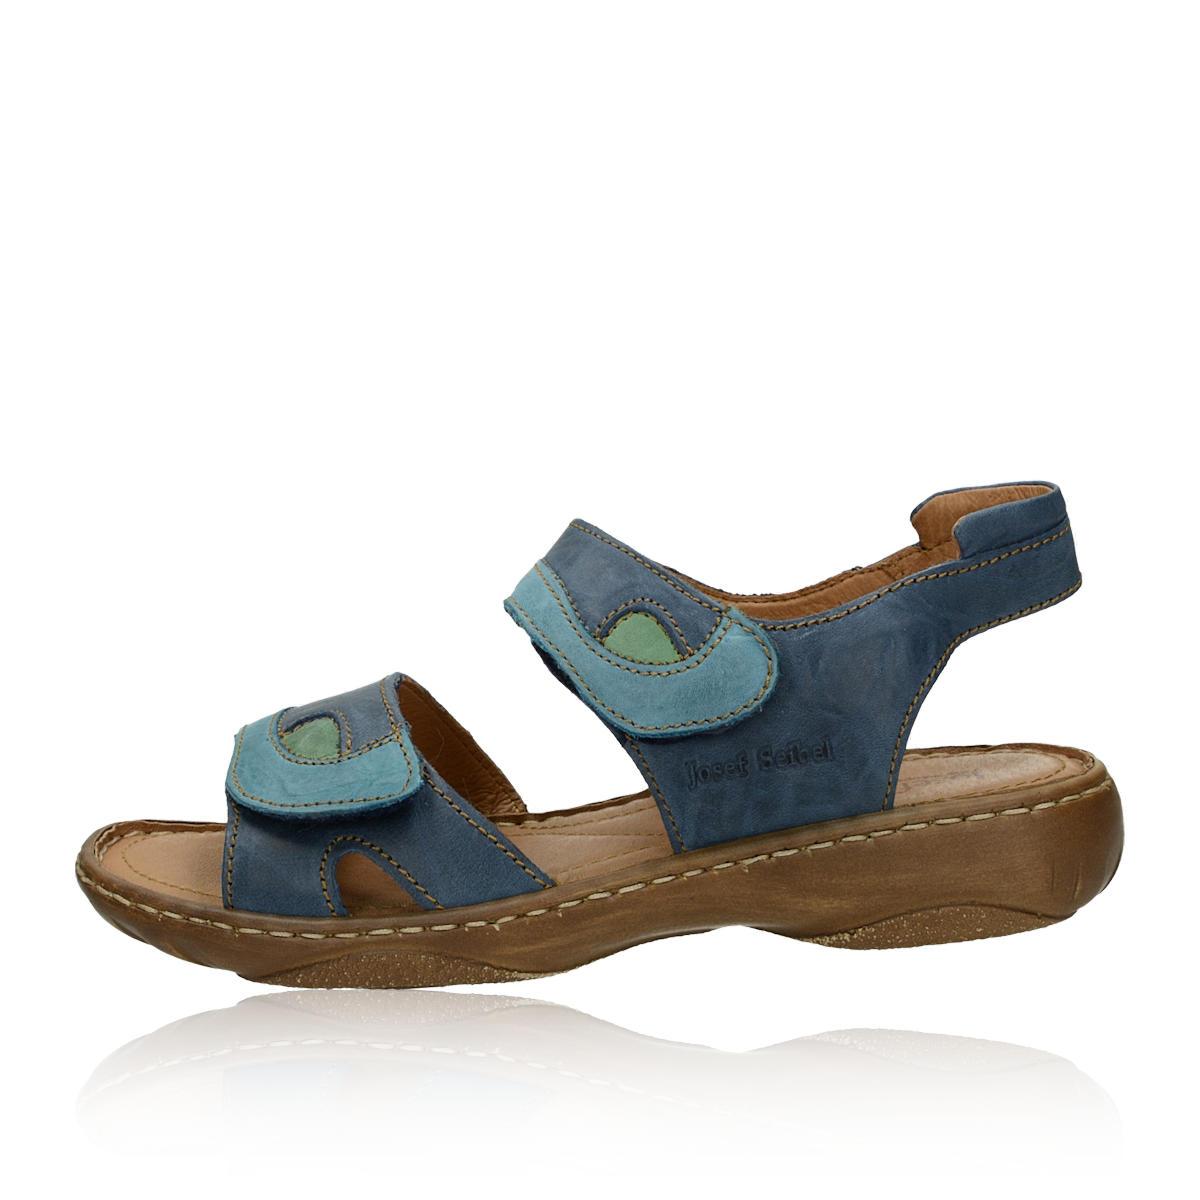 cff20f8ff1 Josef Seibel dámske kožené sandále - modré ...